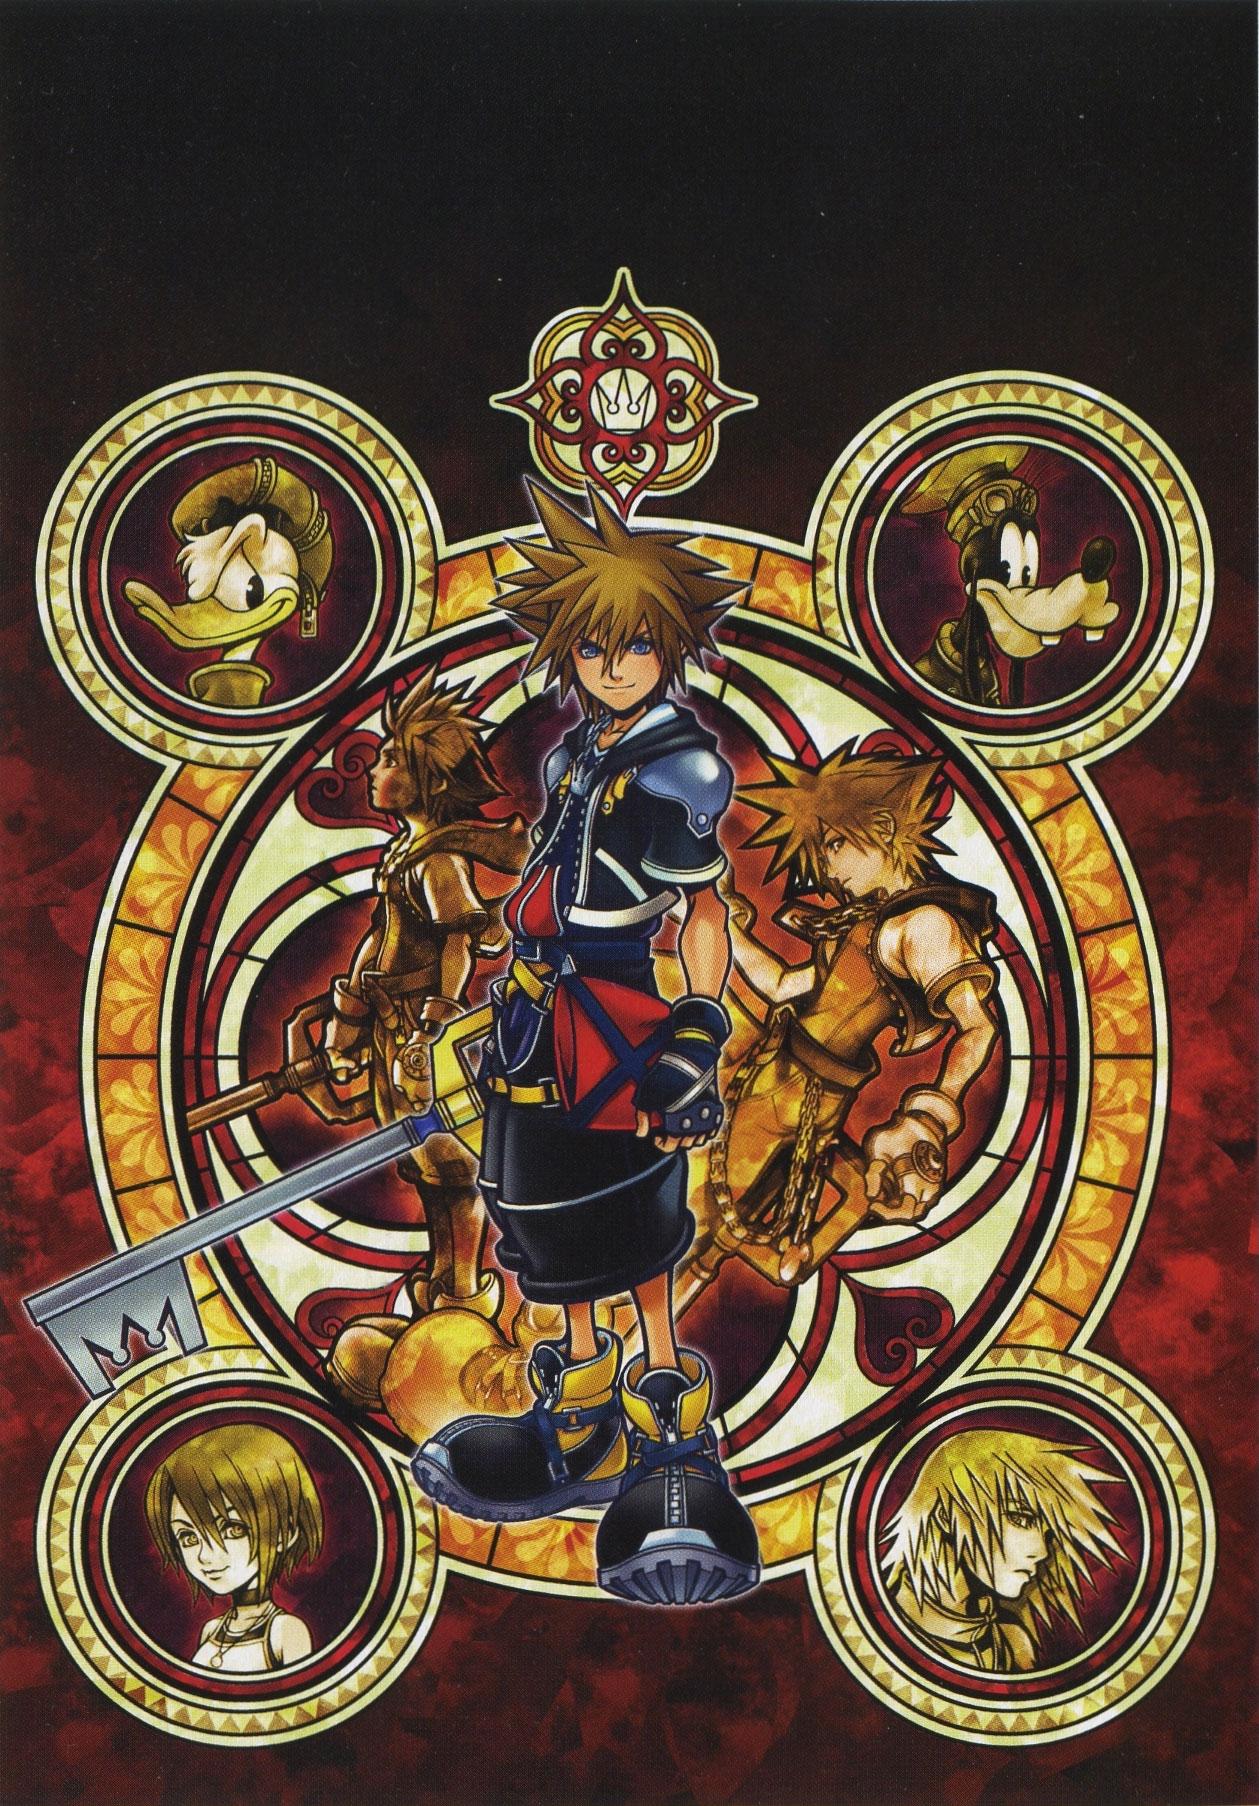 Kingdom Hearts Ii Mobile Wallpaper 9486 Zerochan Anime Image Board